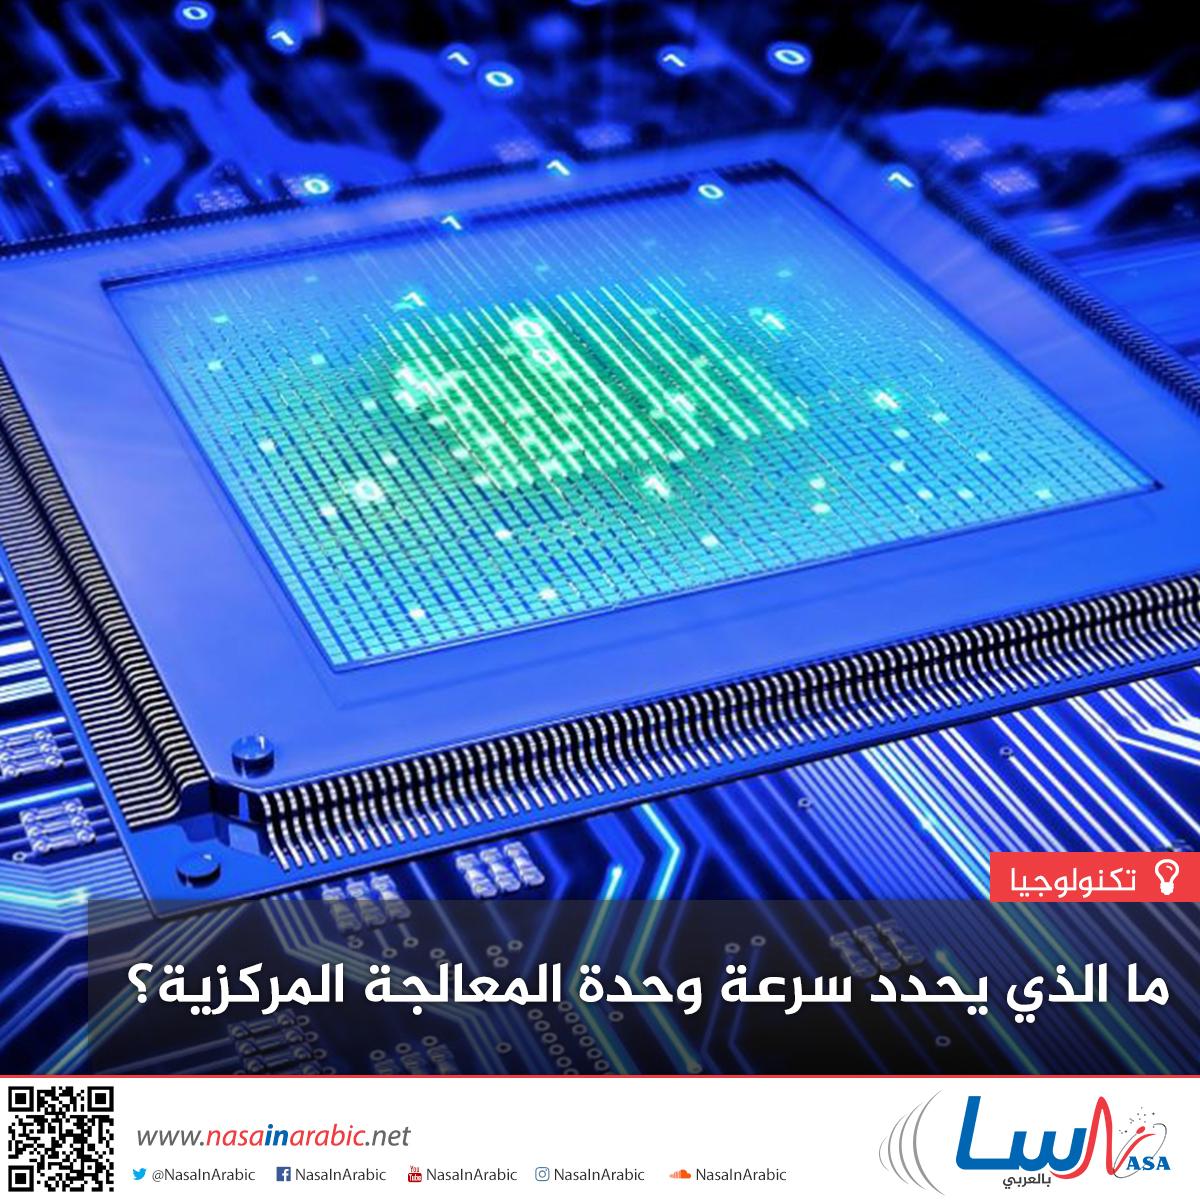 ما الذي يحدد سرعة وحدة المعالجة المركزية؟